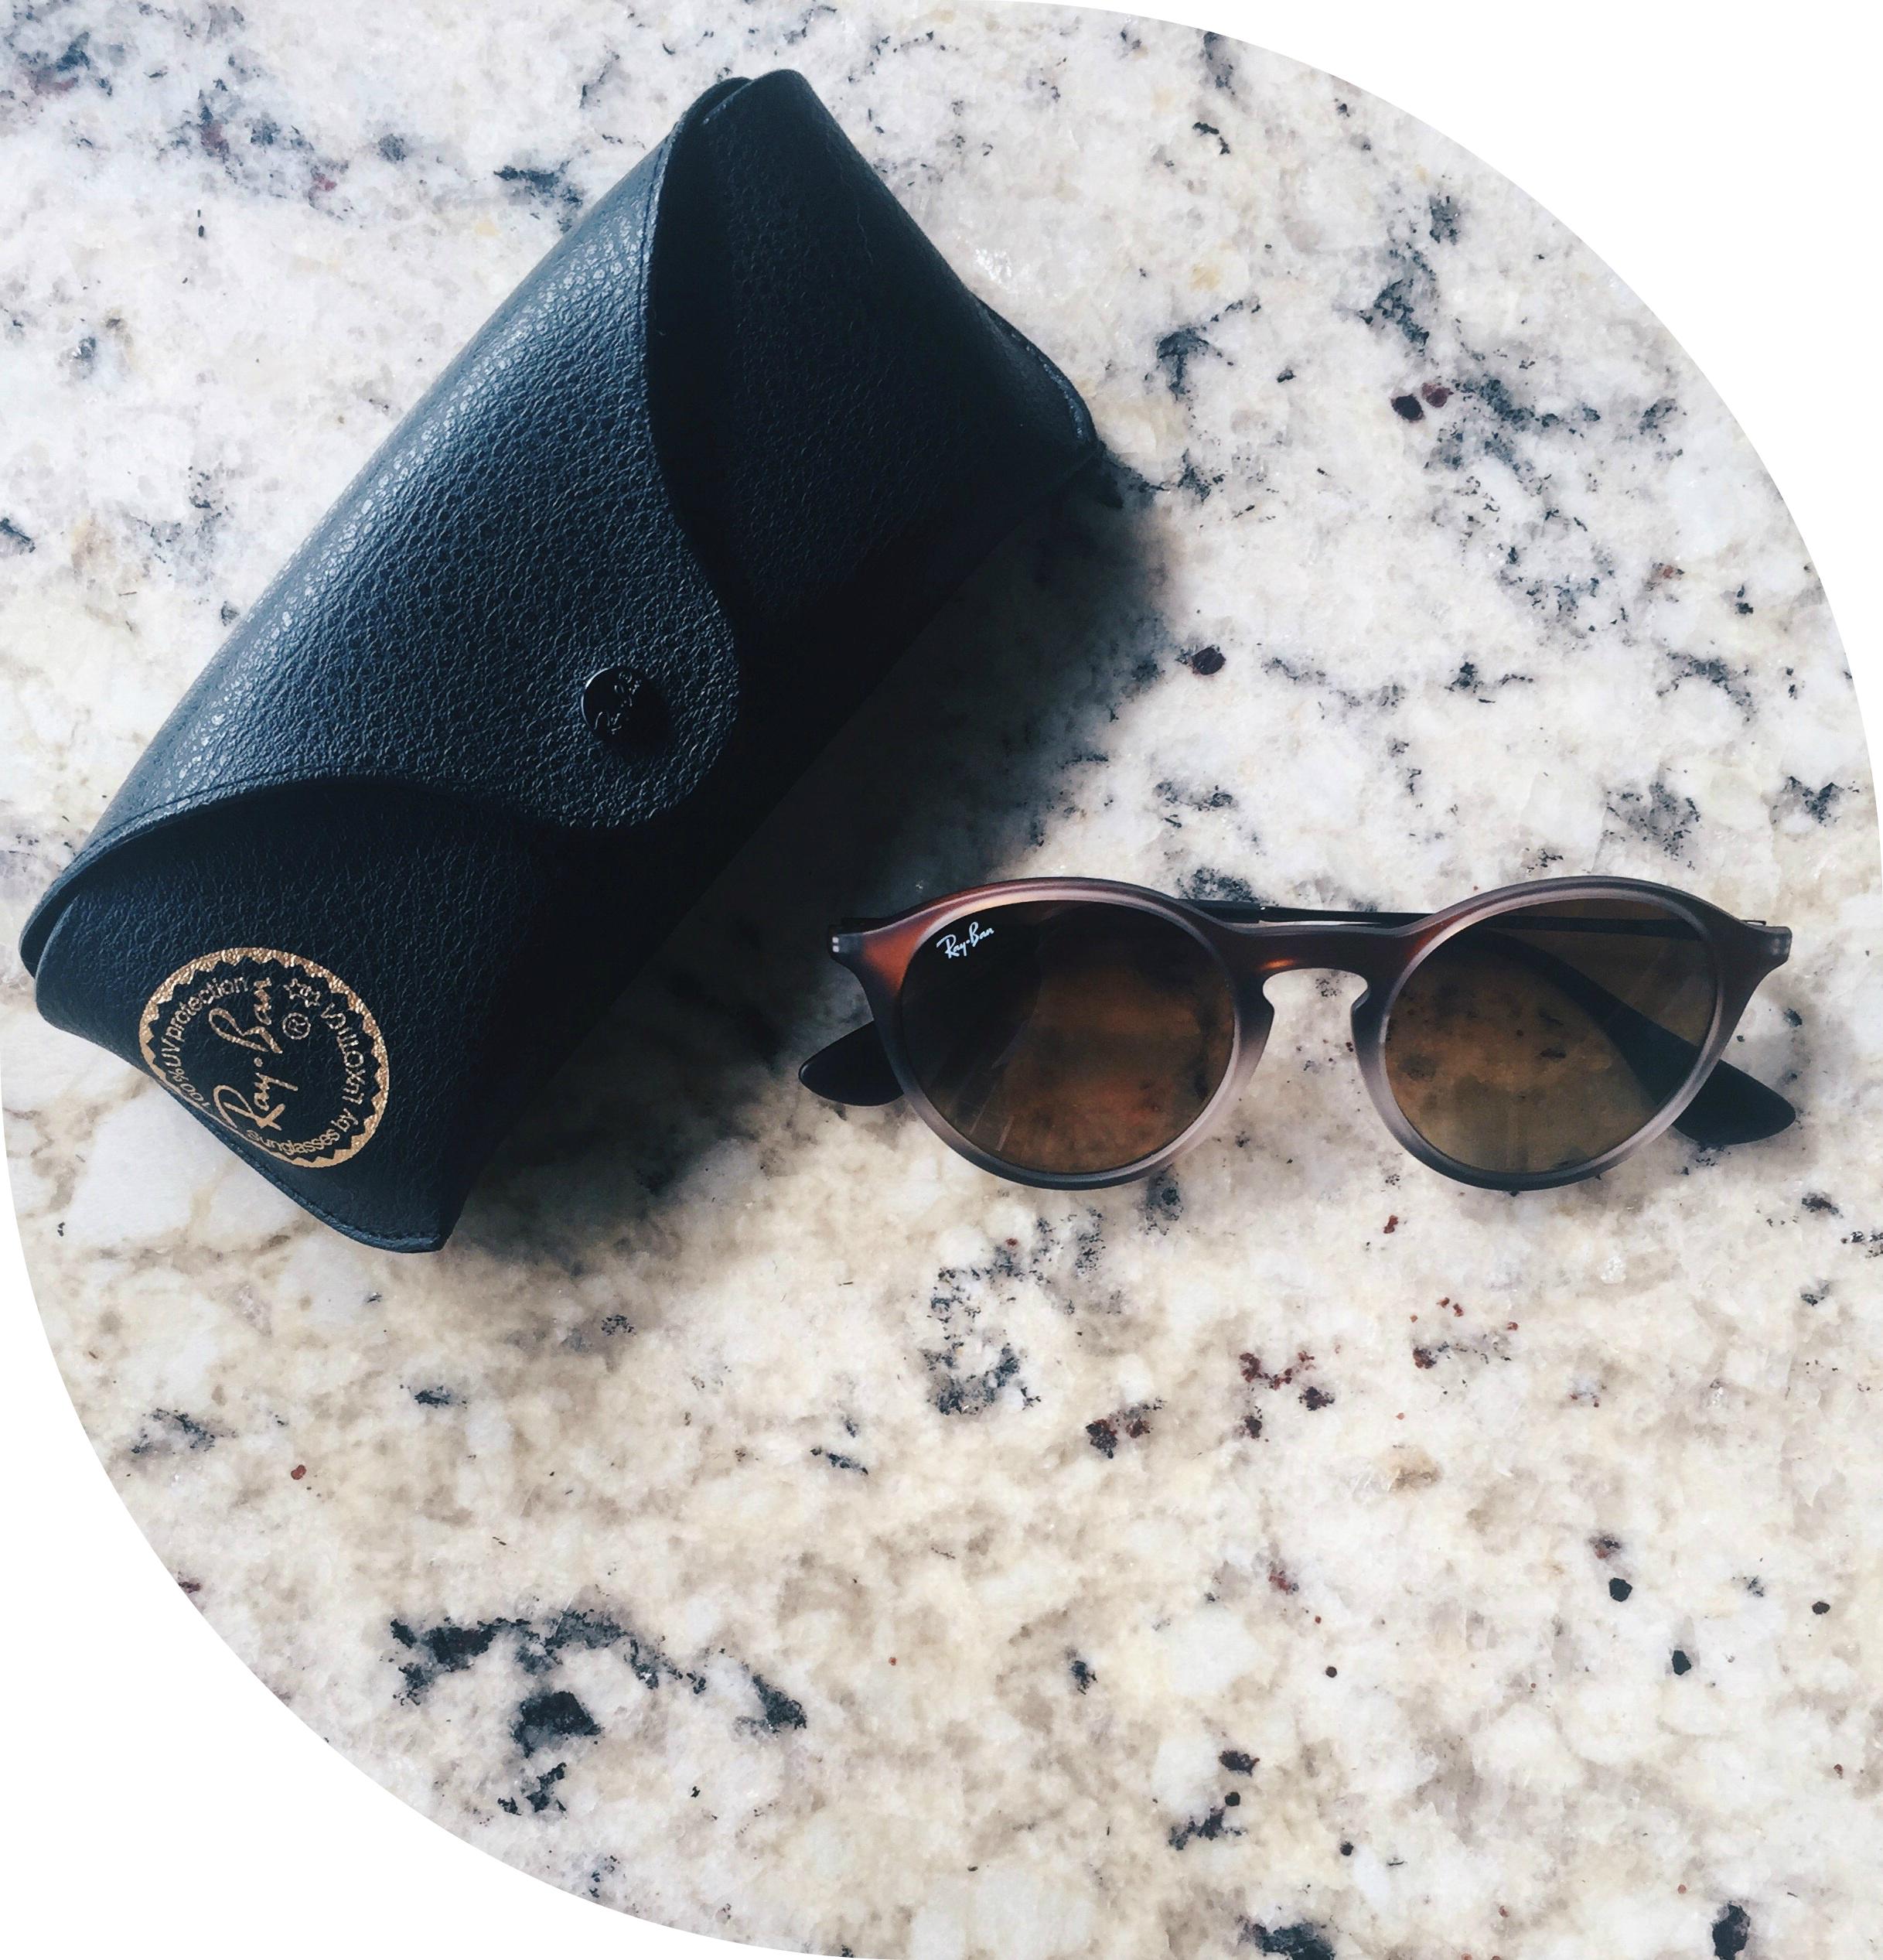 buy round sunglasses, cute ray ban round sunglasses, where to buy round sunglasses cheap